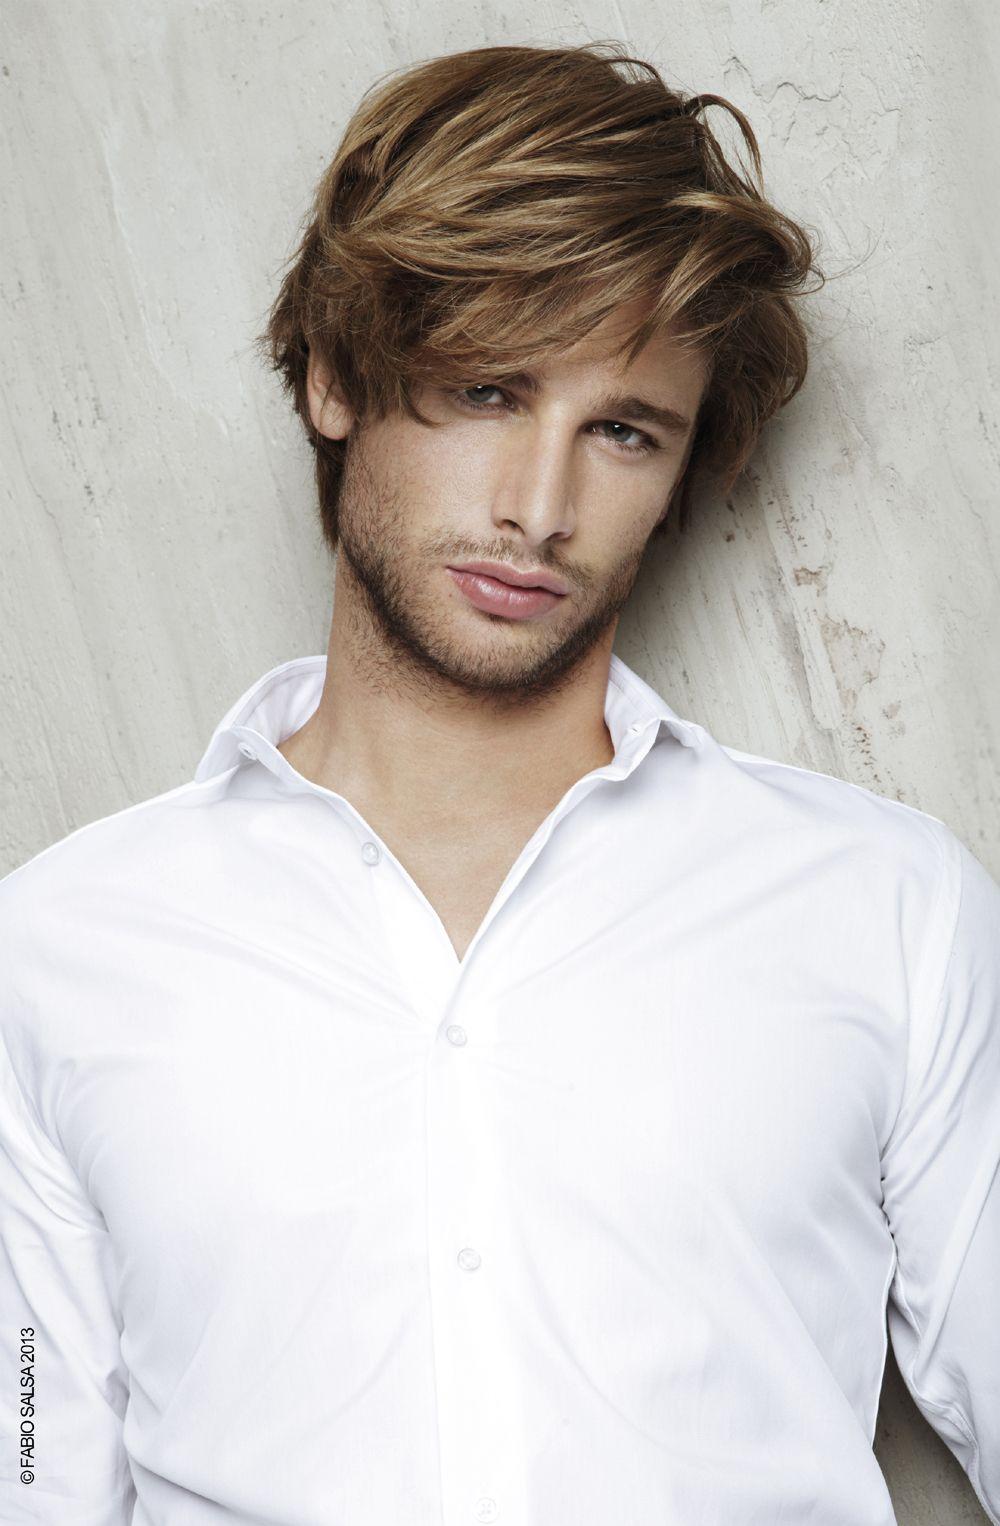 Medium haircut for men pin by dahmeka cardwell on hairilicious  pinterest